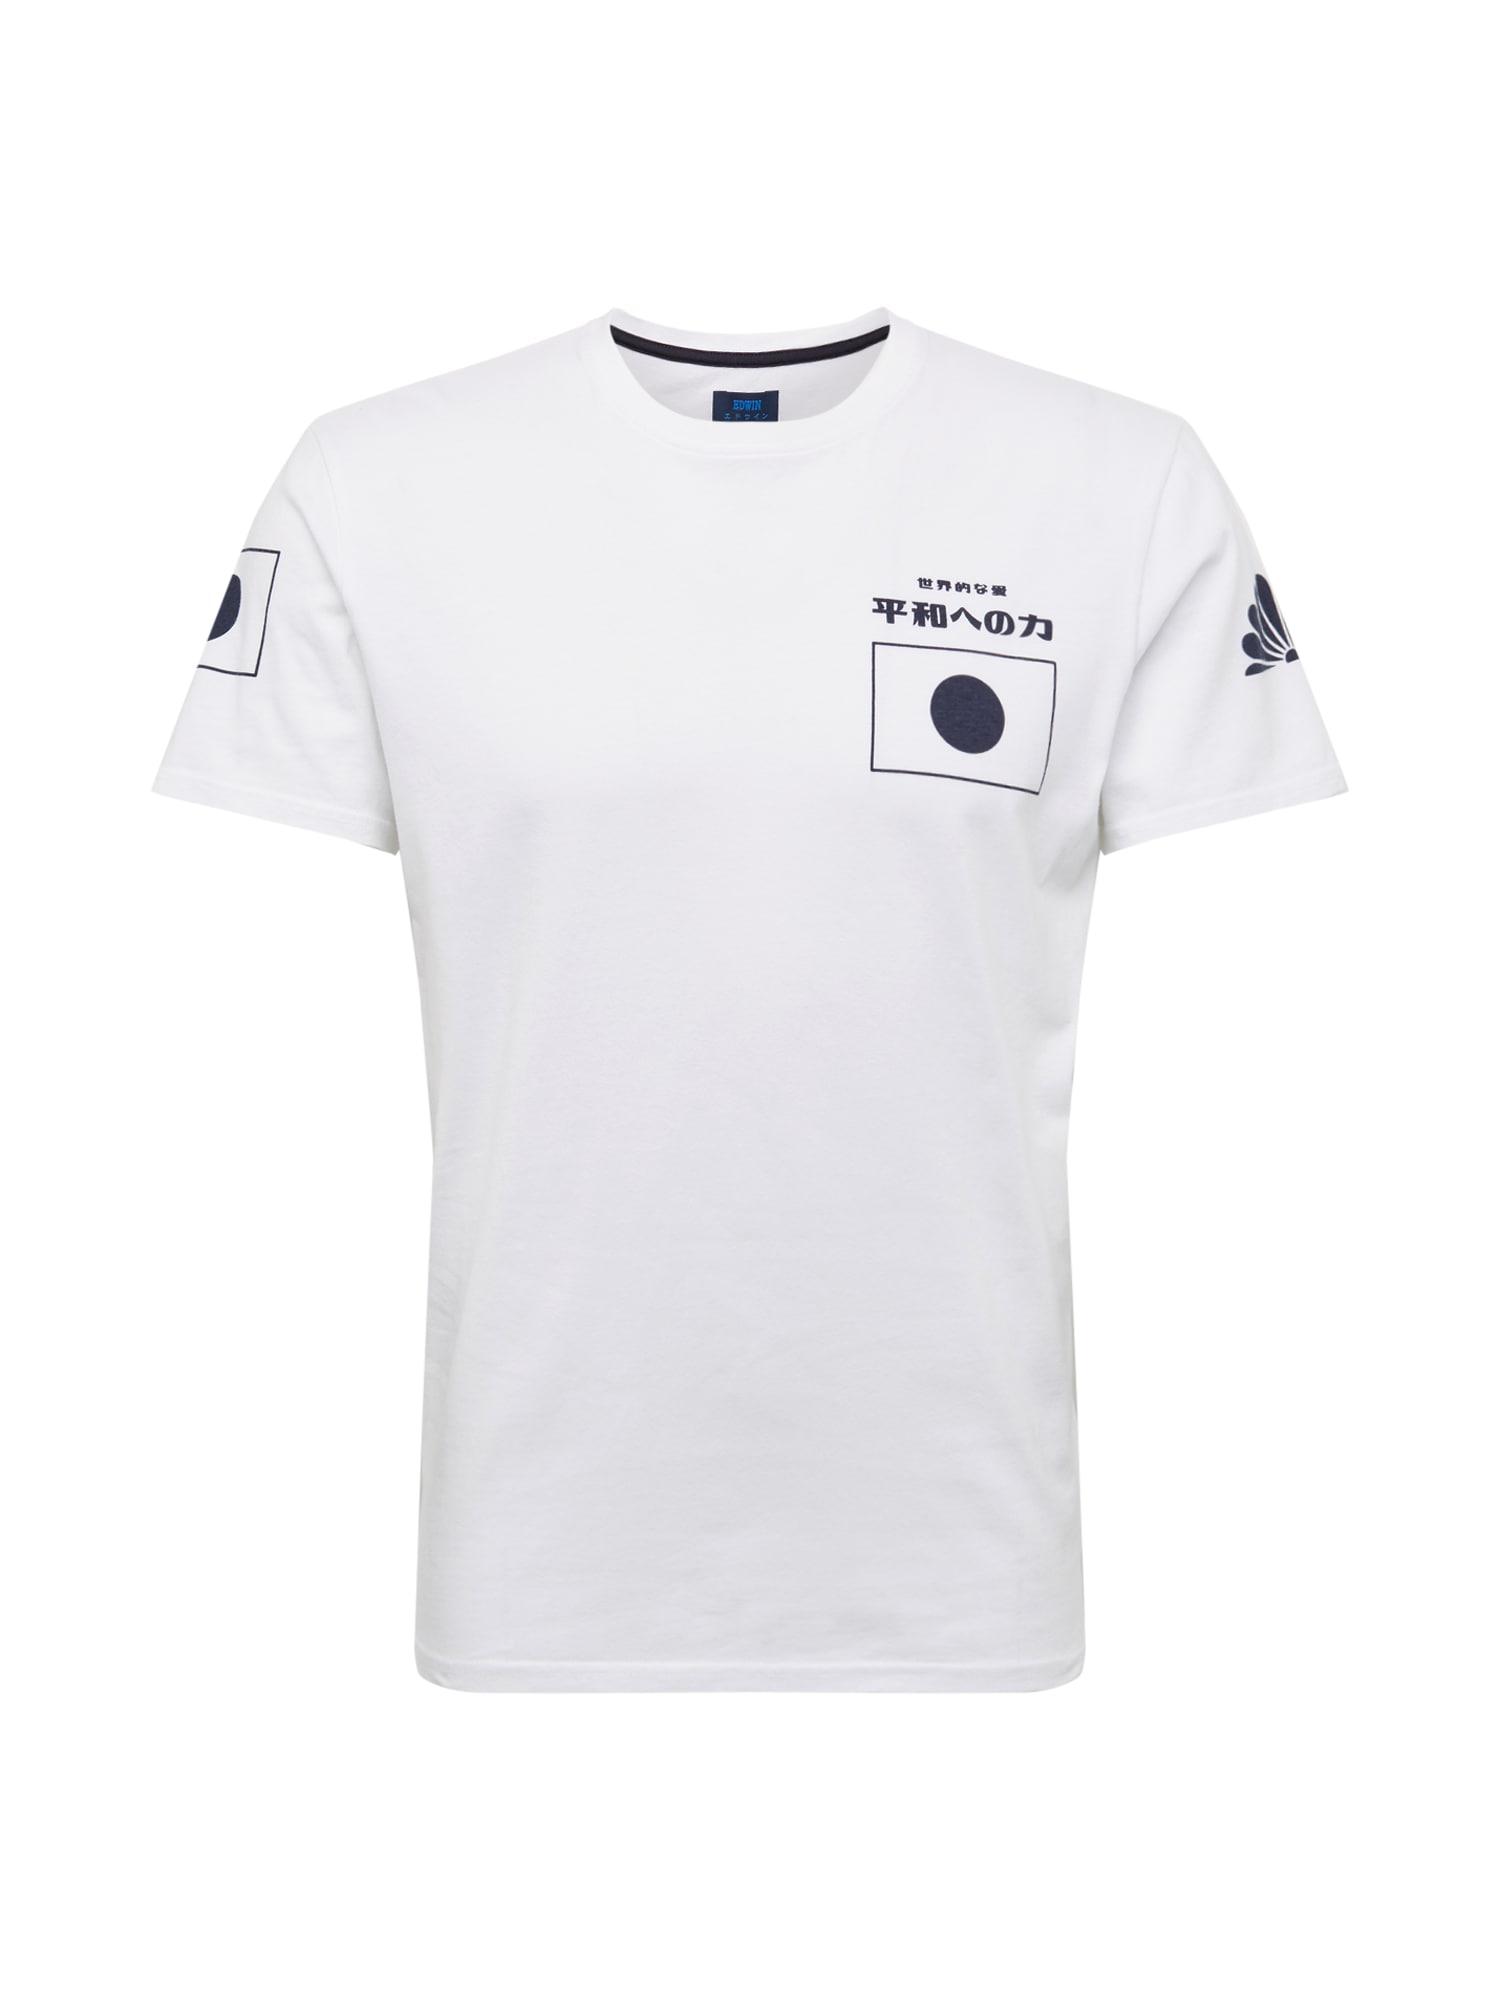 Tričko Dream TS černá bílá EDWIN